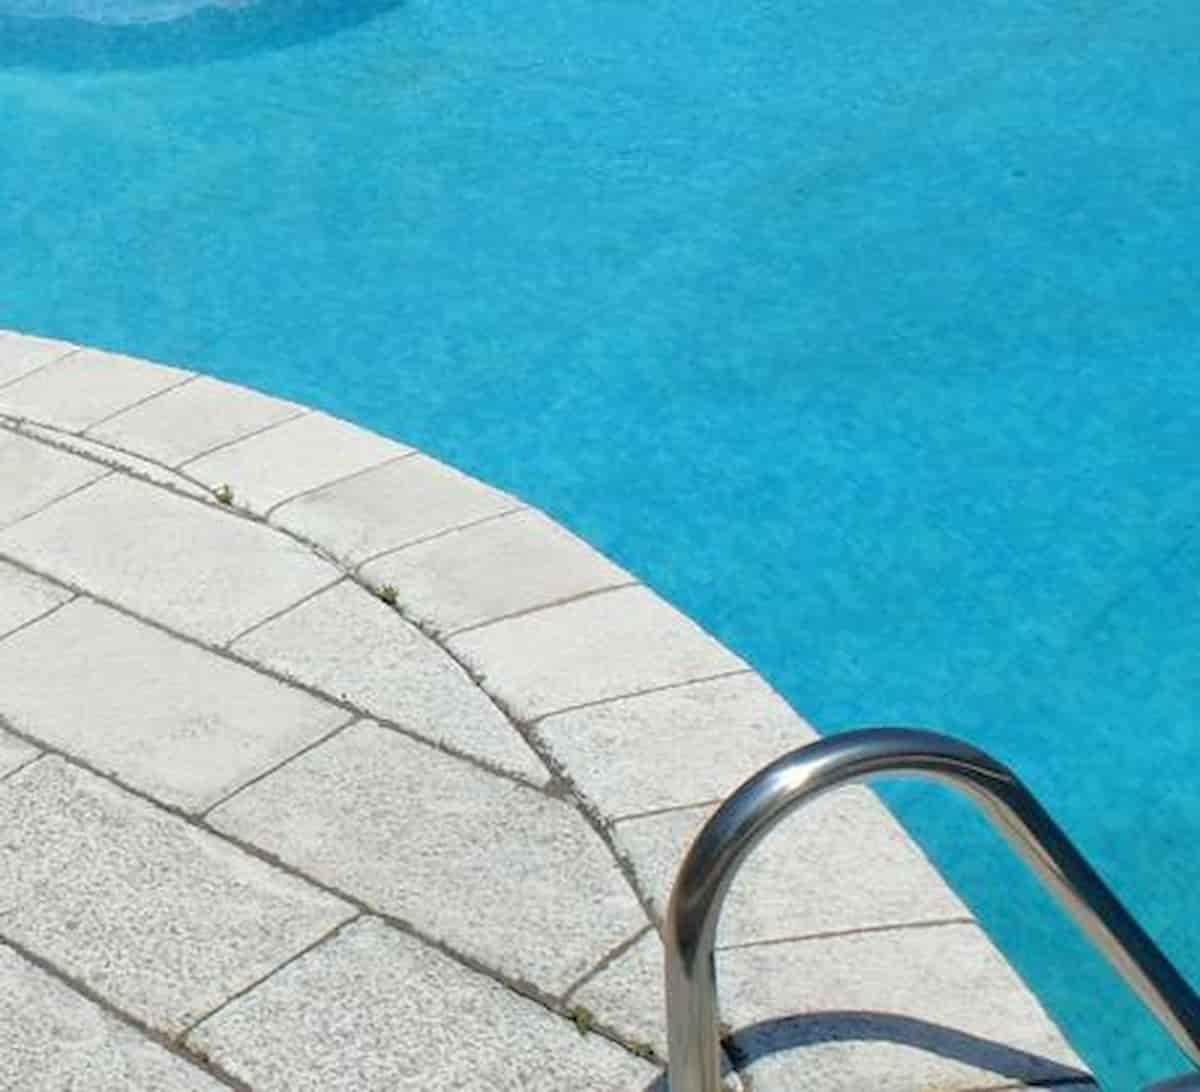 Capalbio, bambina di 8 anni cade in piscina e muore affogata: stava giocando con bicicletta